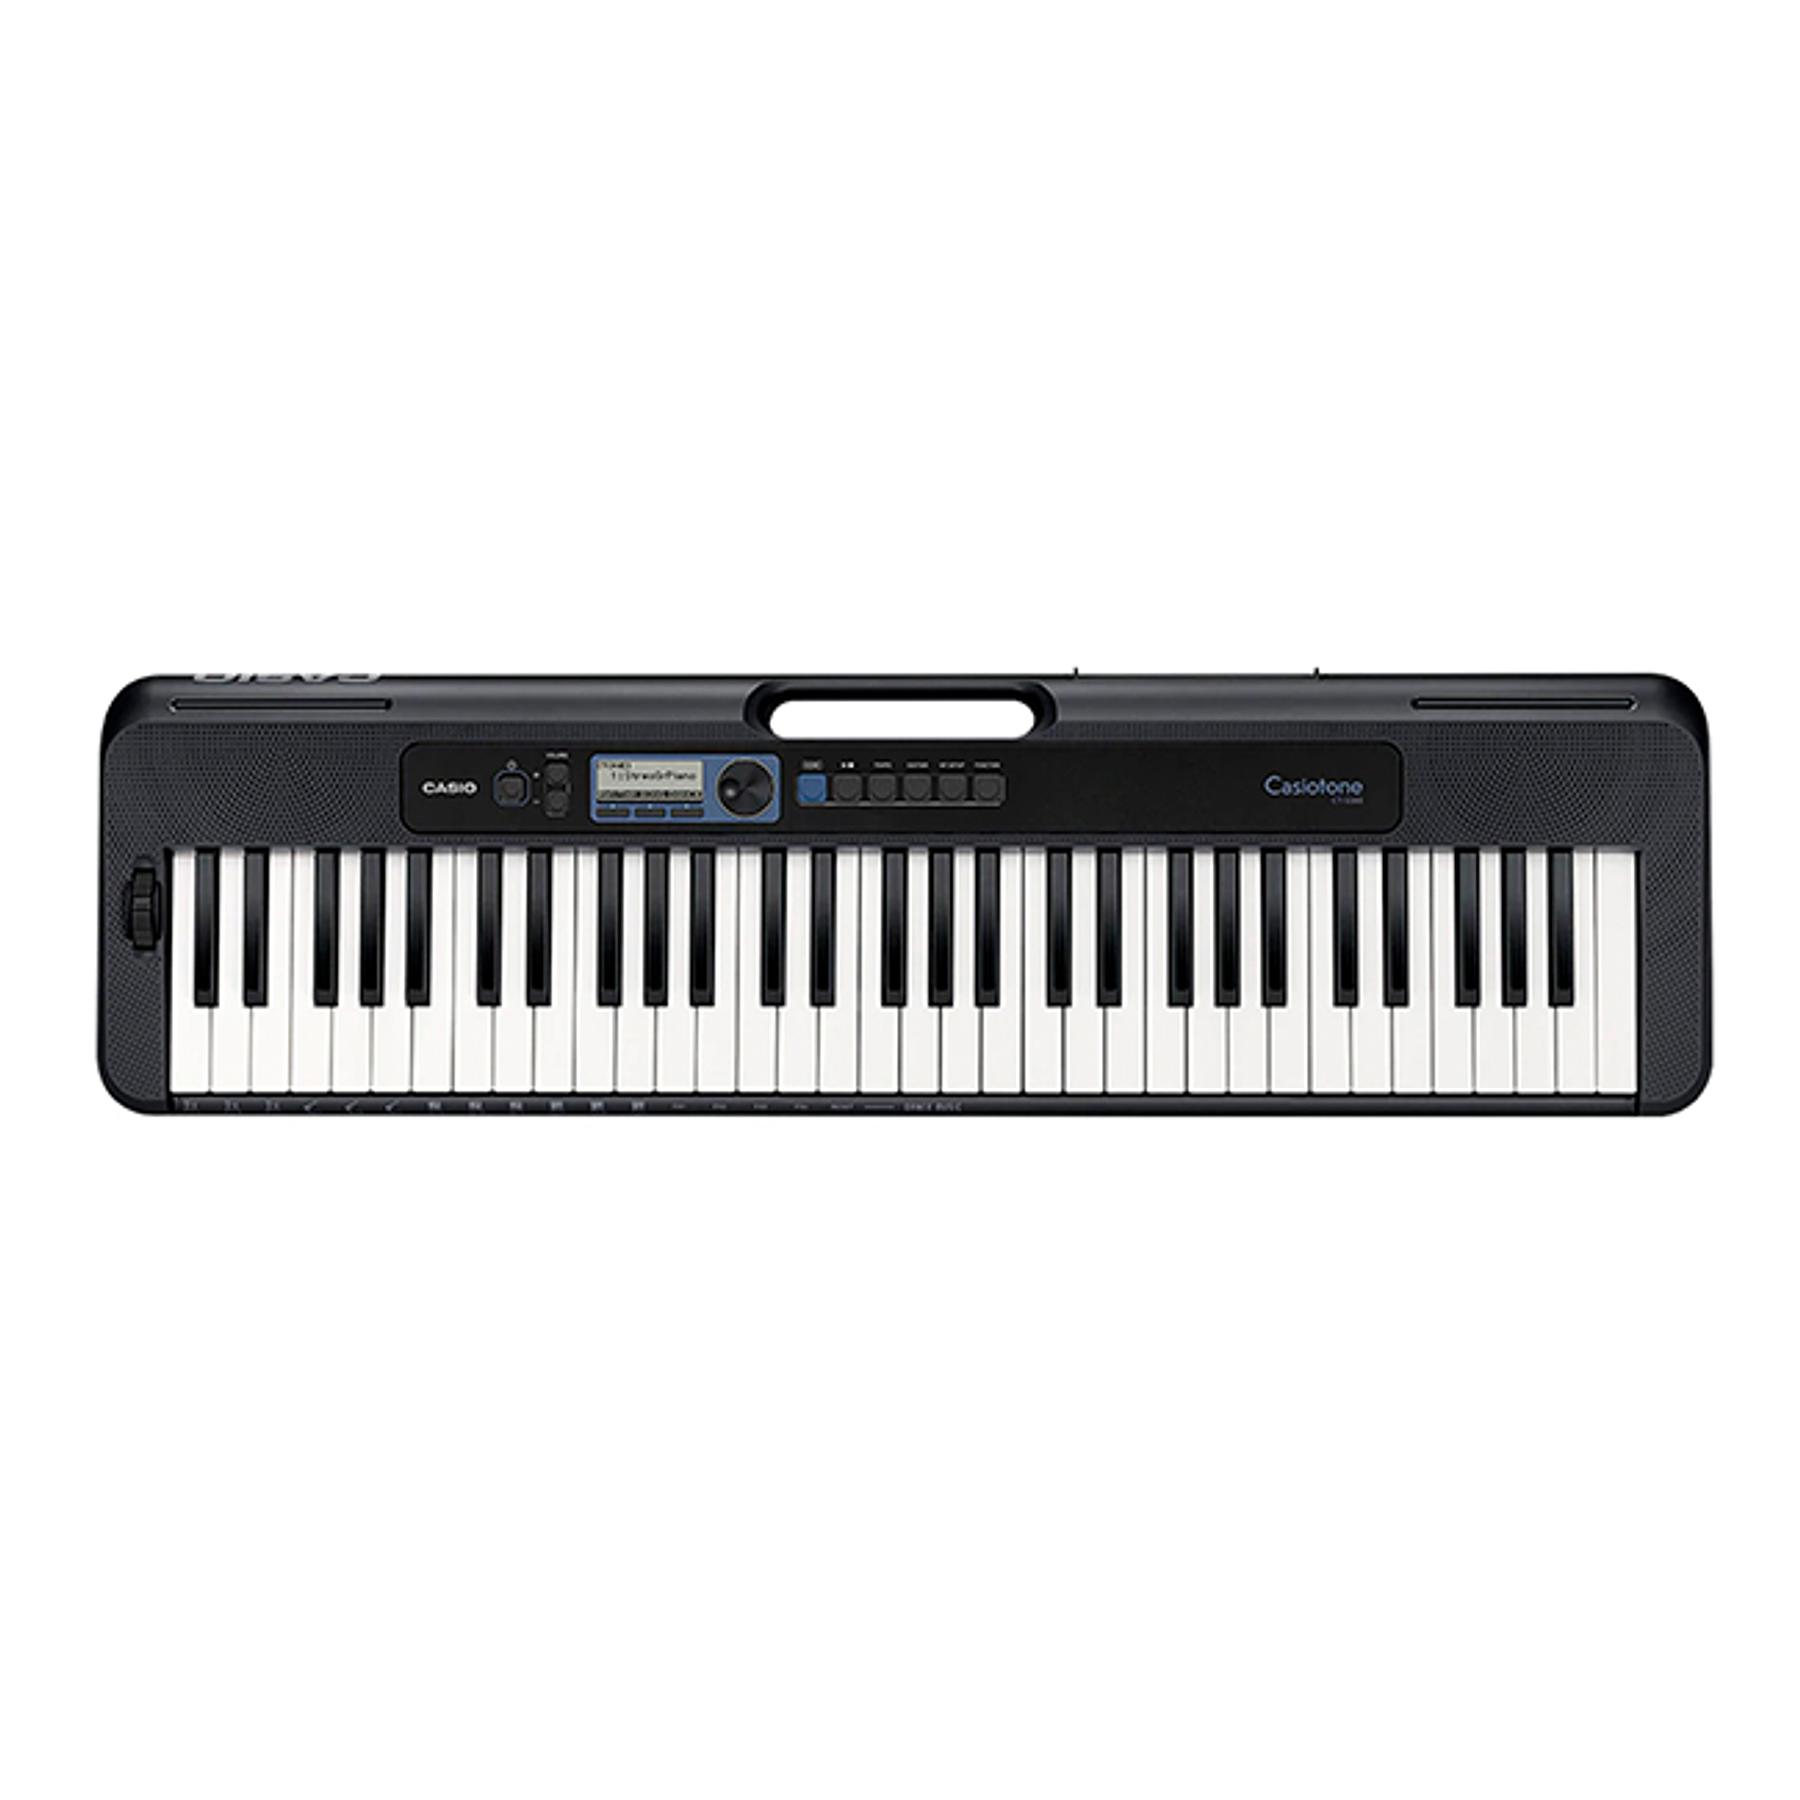 Pack teclado Casio CT-S300 + Atril + funda y Transformador Original